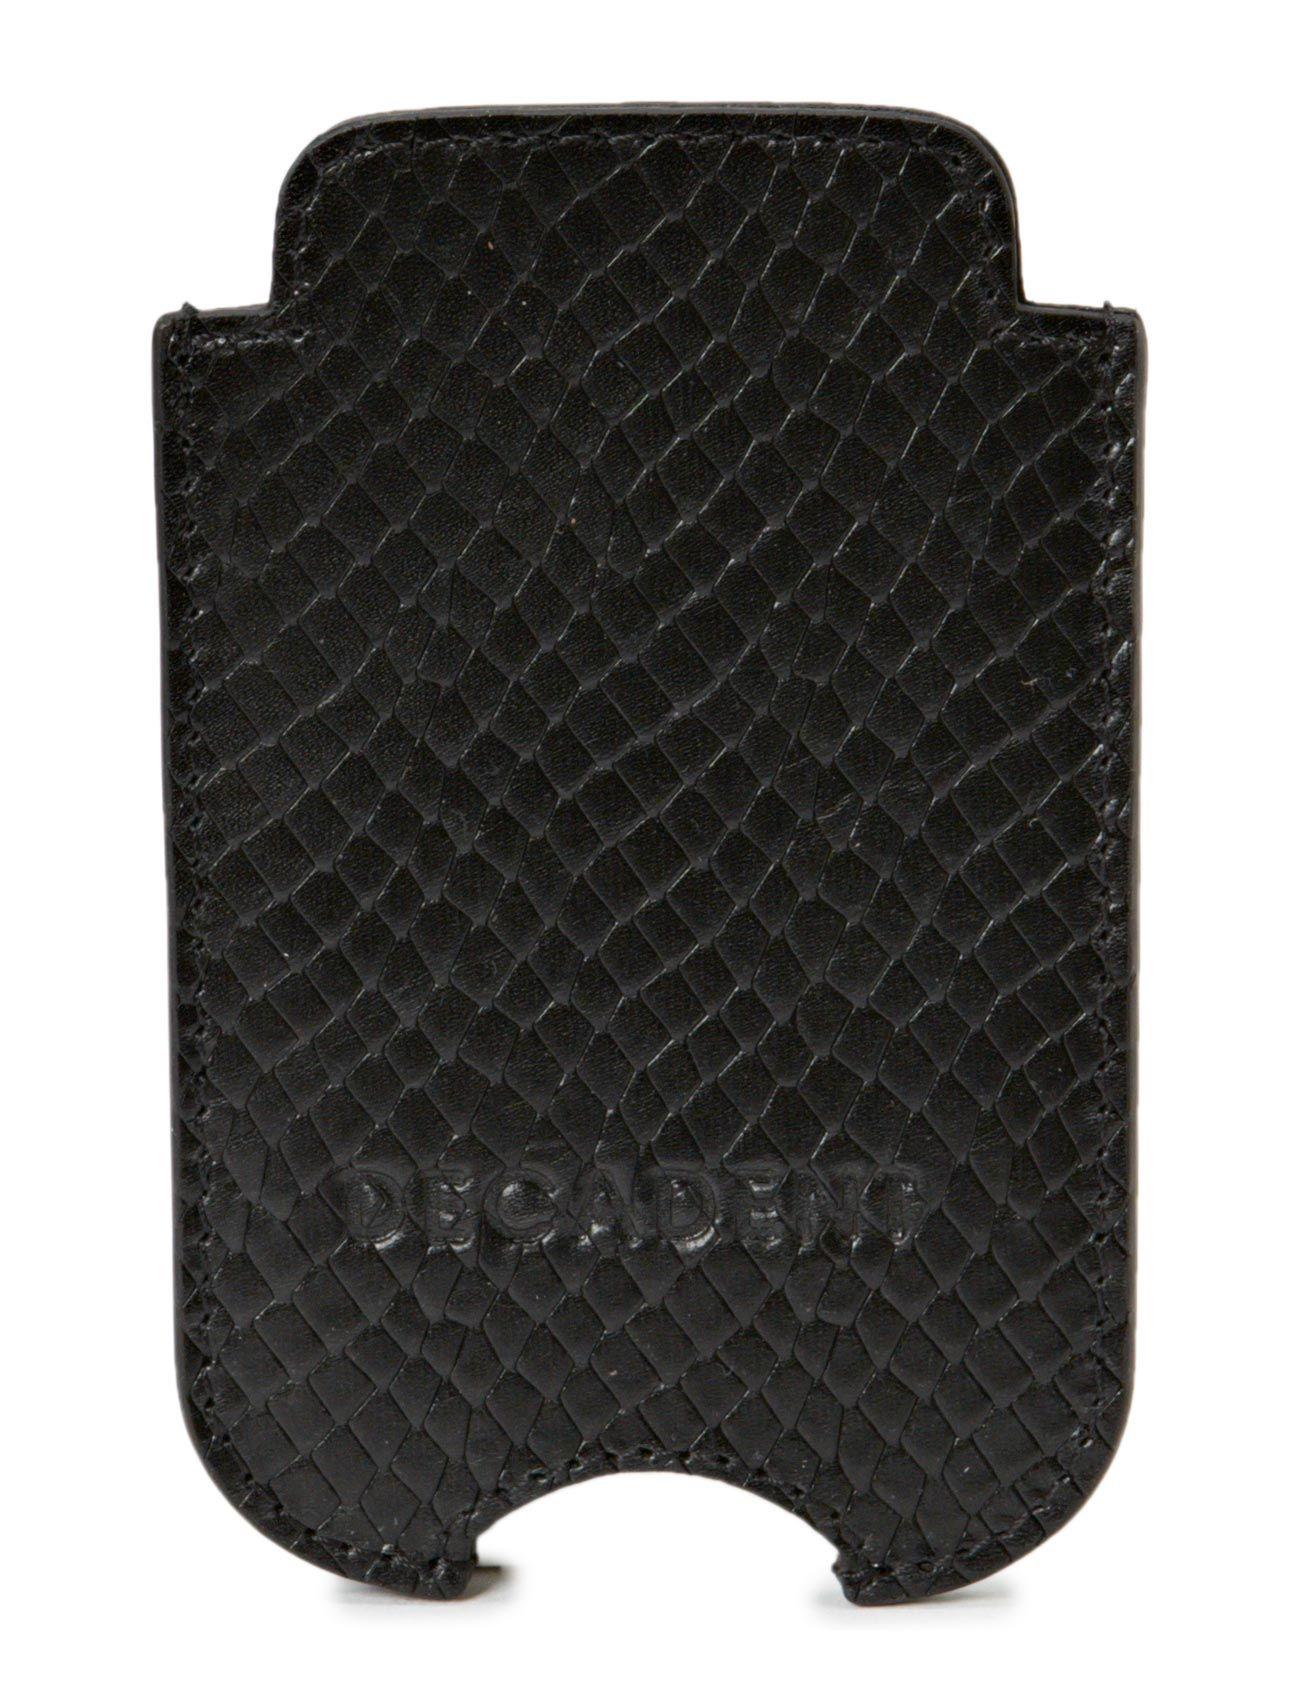 Decadent Iphone 4 Sleeve